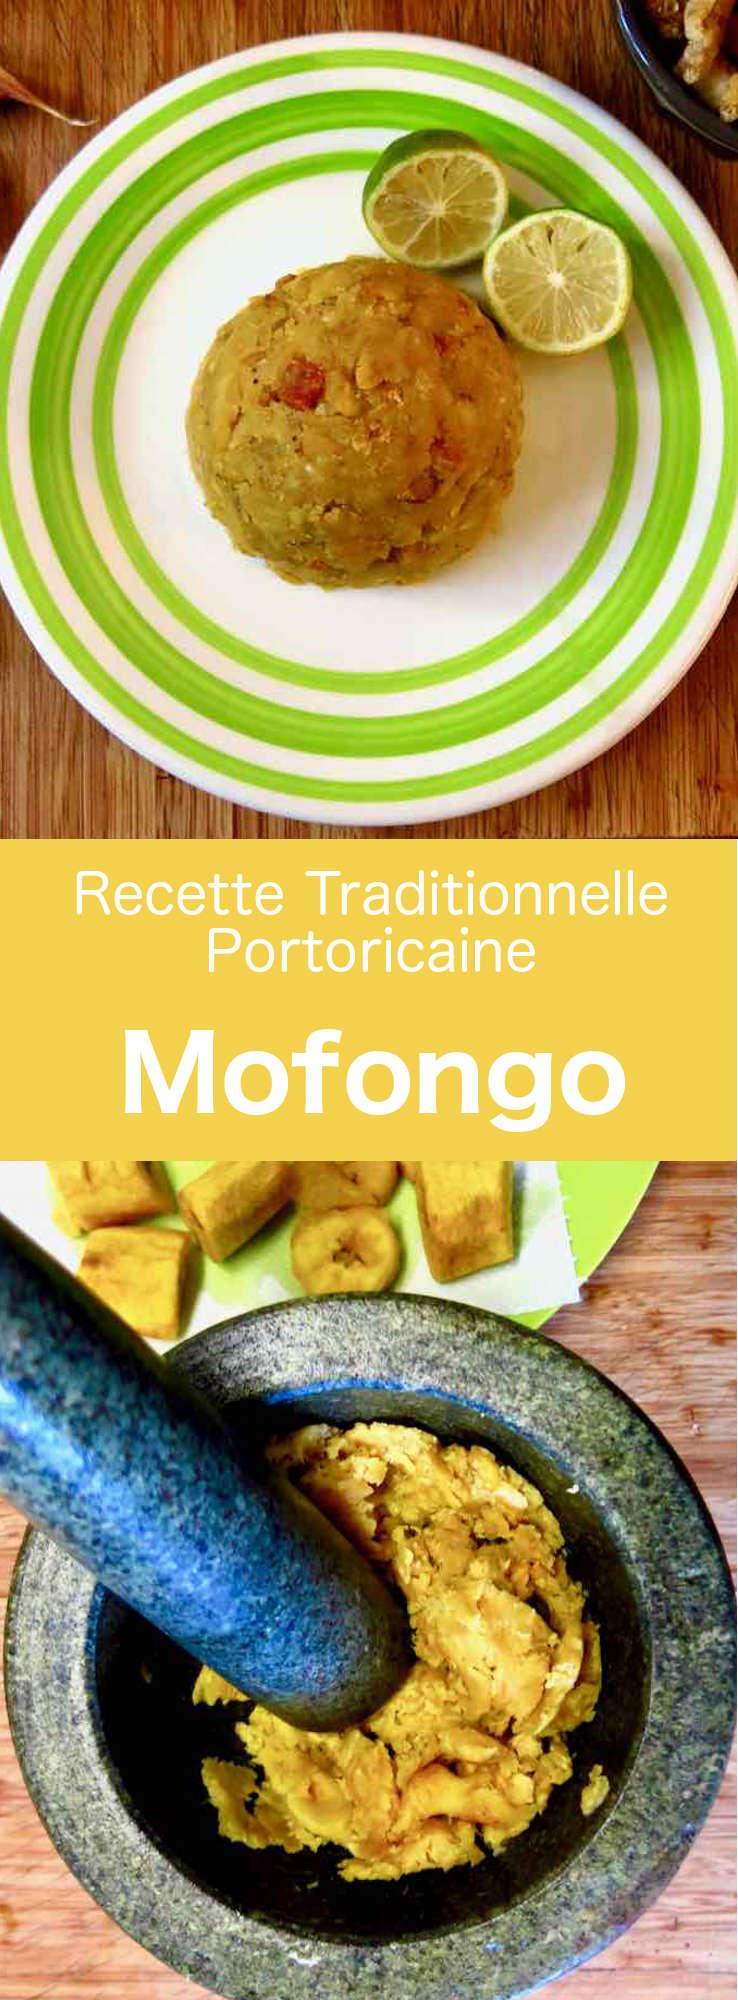 Le mofongo est un plat typique portoricain et dominicain qui se compose de purée de banane plantain verte frite, ail, huile et couenne de porc. #PortoRico #CuisinePortoricaine #RecettePortoRicaine #RecetteDesCaraibes #CuisineDuMonde #196flavors